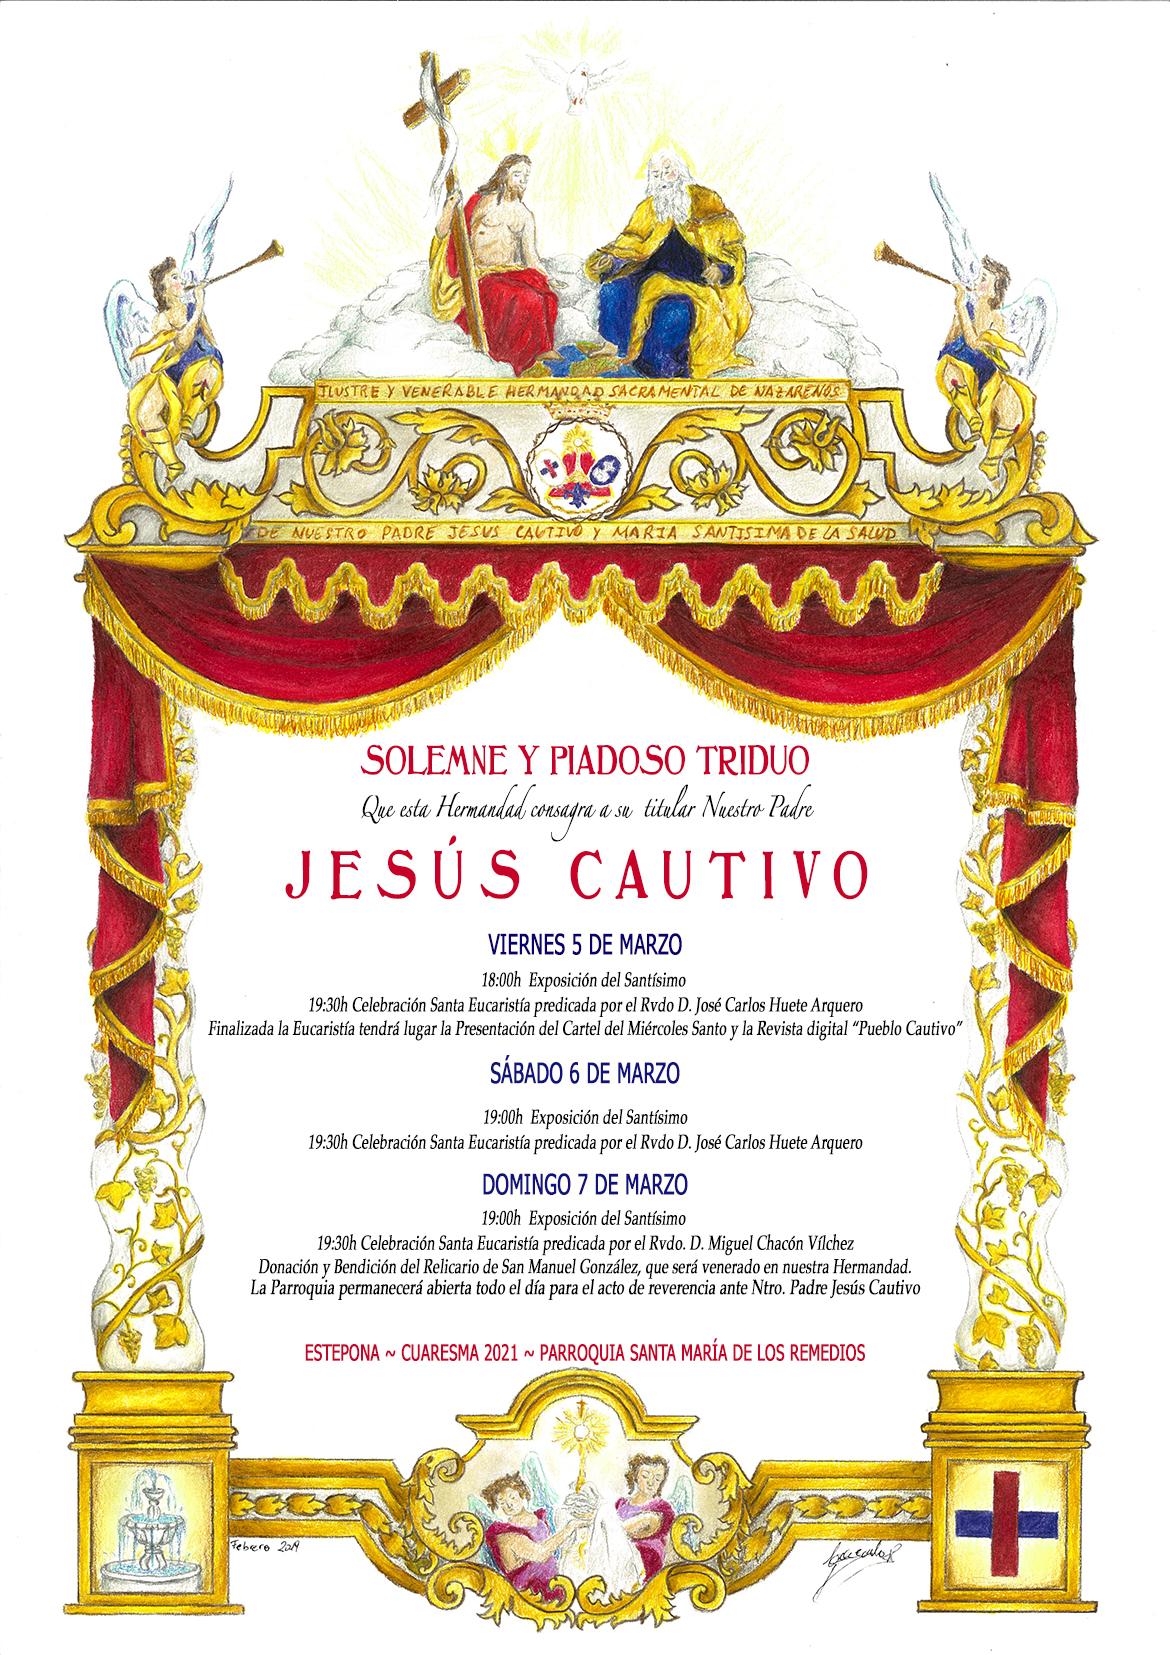 ORLA-CULTO-CAUTIVO-web.jpg